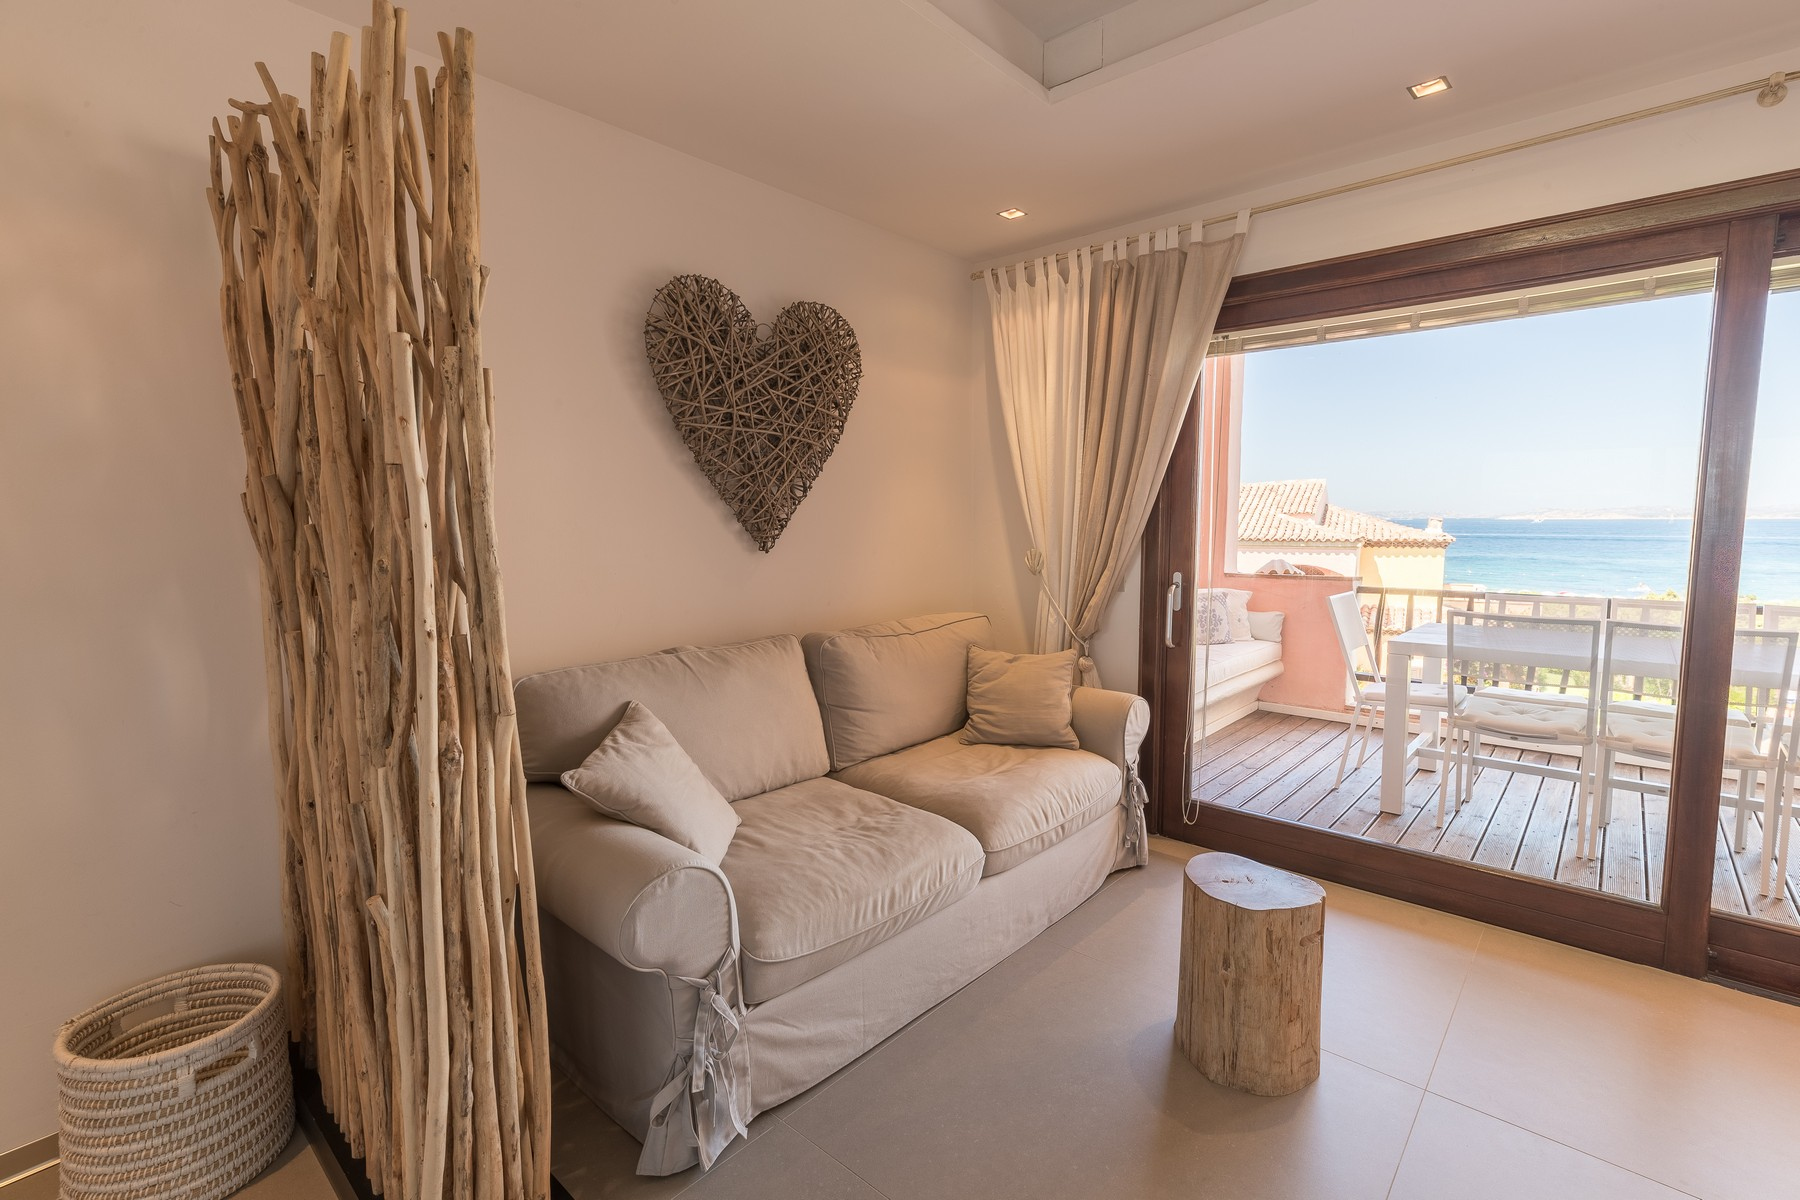 Appartamento in Vendita a Arzachena: 3 locali, 55 mq - Foto 8